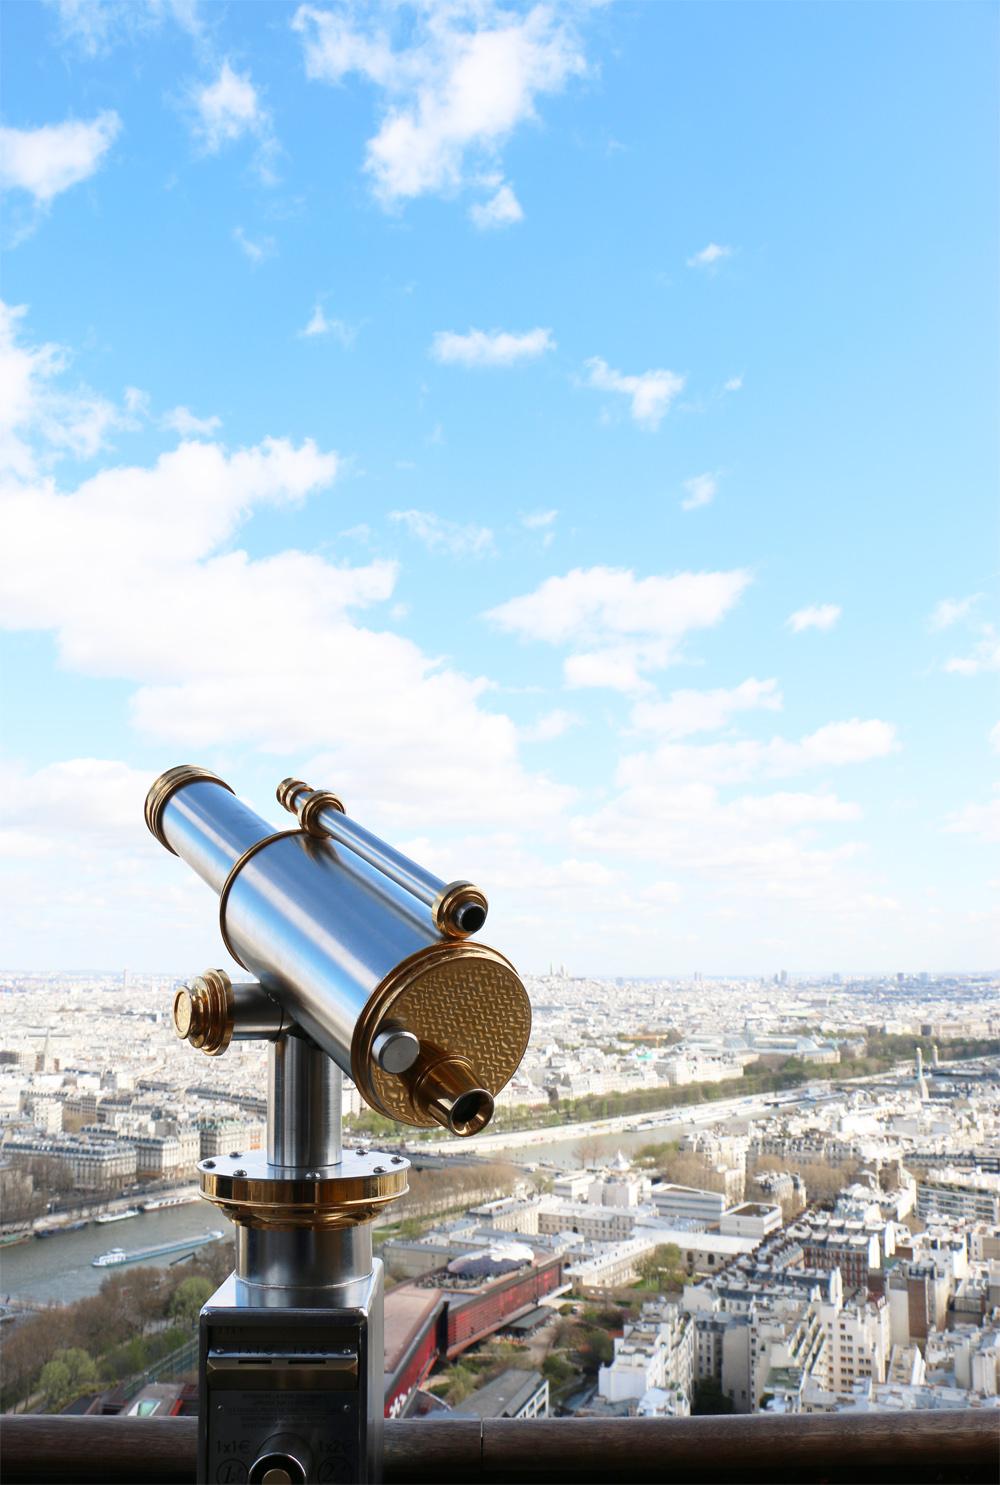 paris-tour-eiffel-tower-3